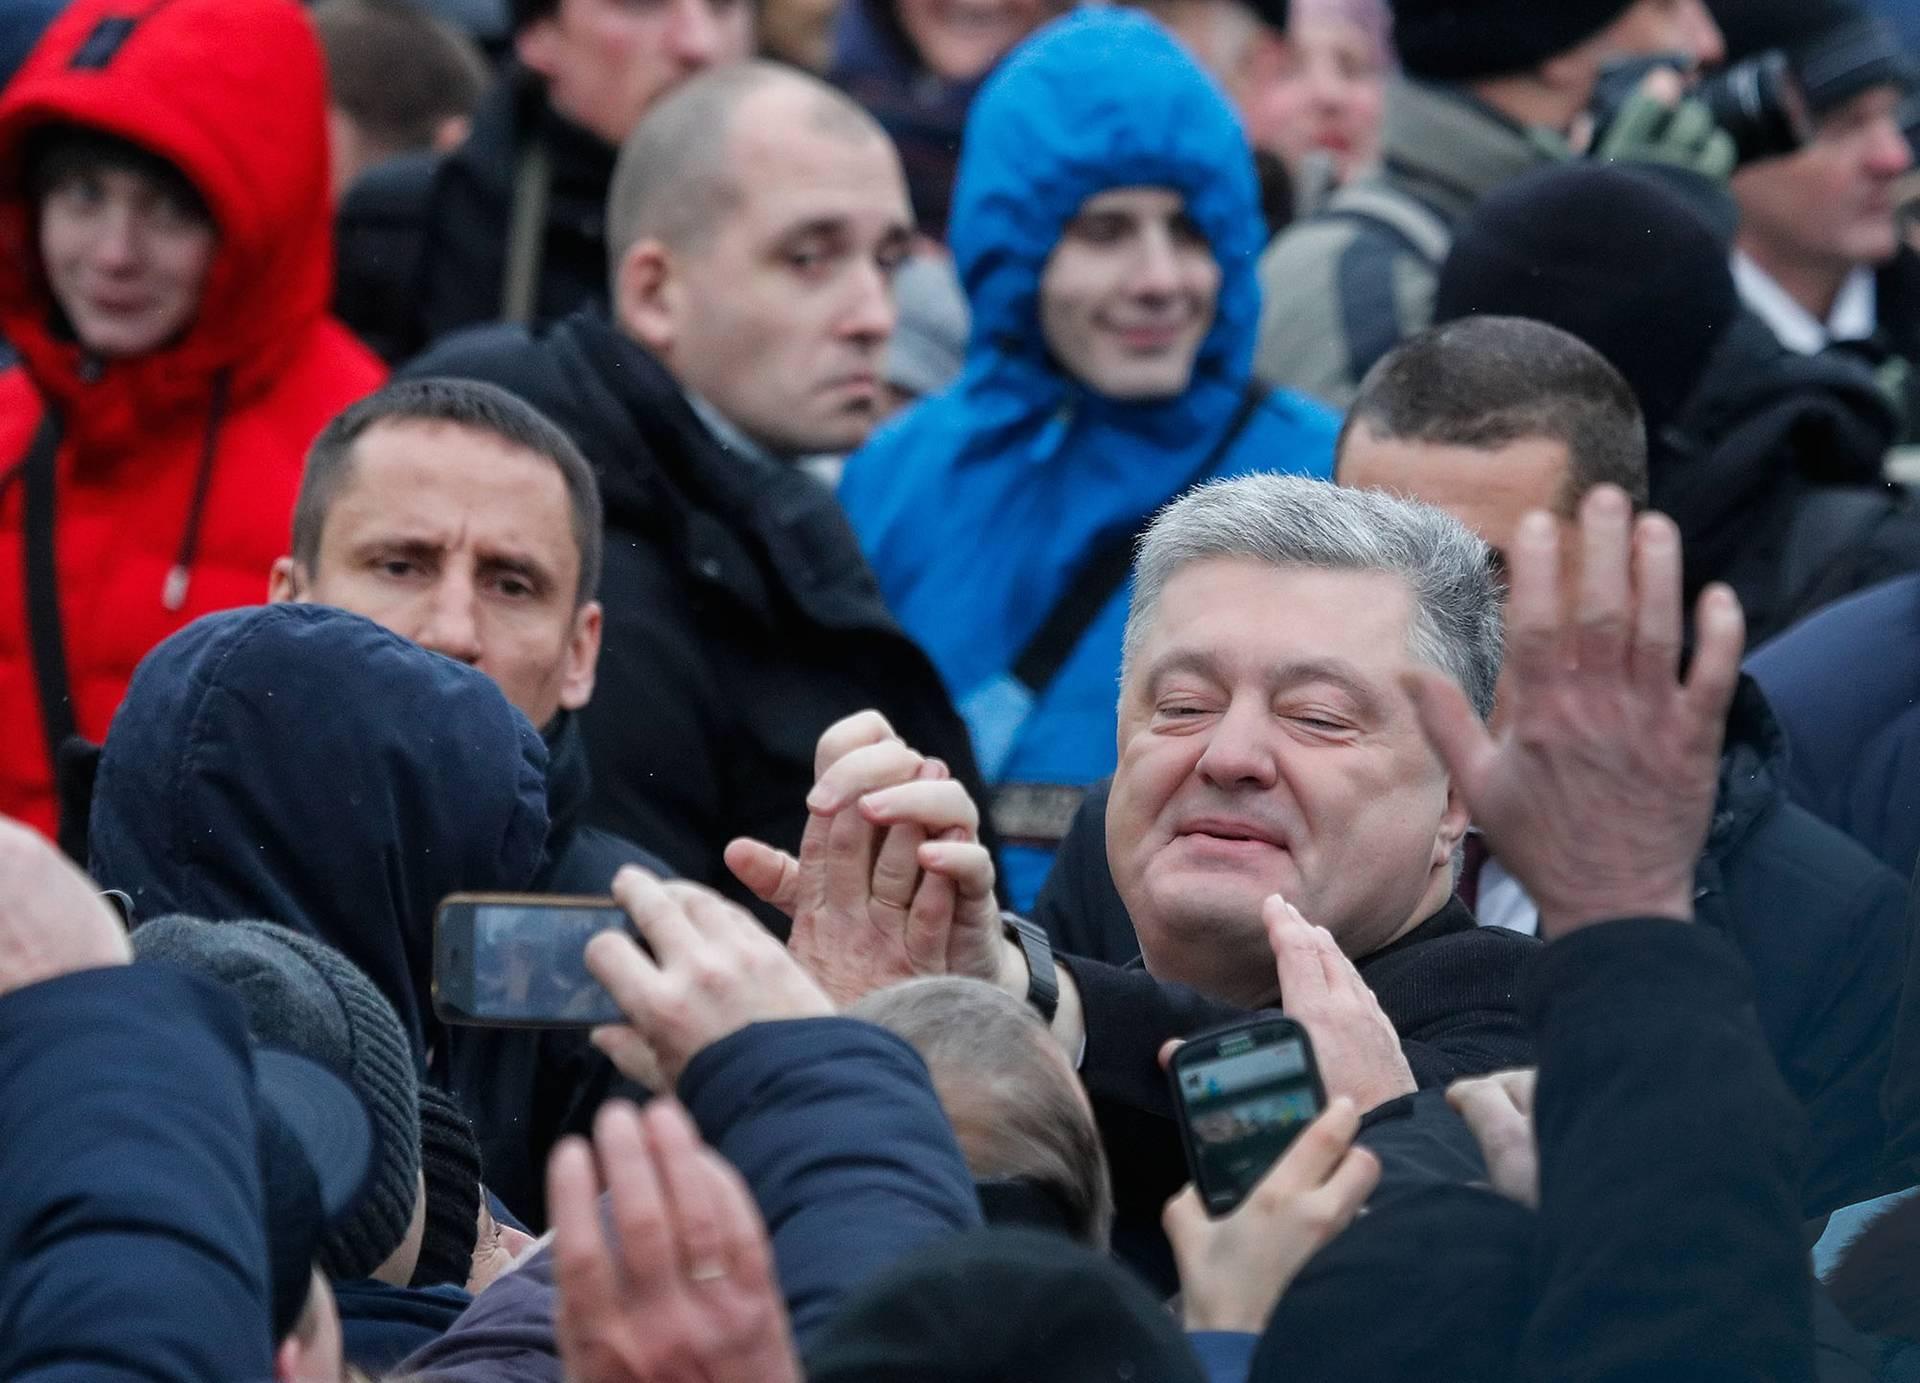 Президент України Петро Порошенко (в центрі) вітається із людьми біля Софійського собору перед початком об'єднавчого собору українських православних церков, Київ, 15 грудня 2018 року